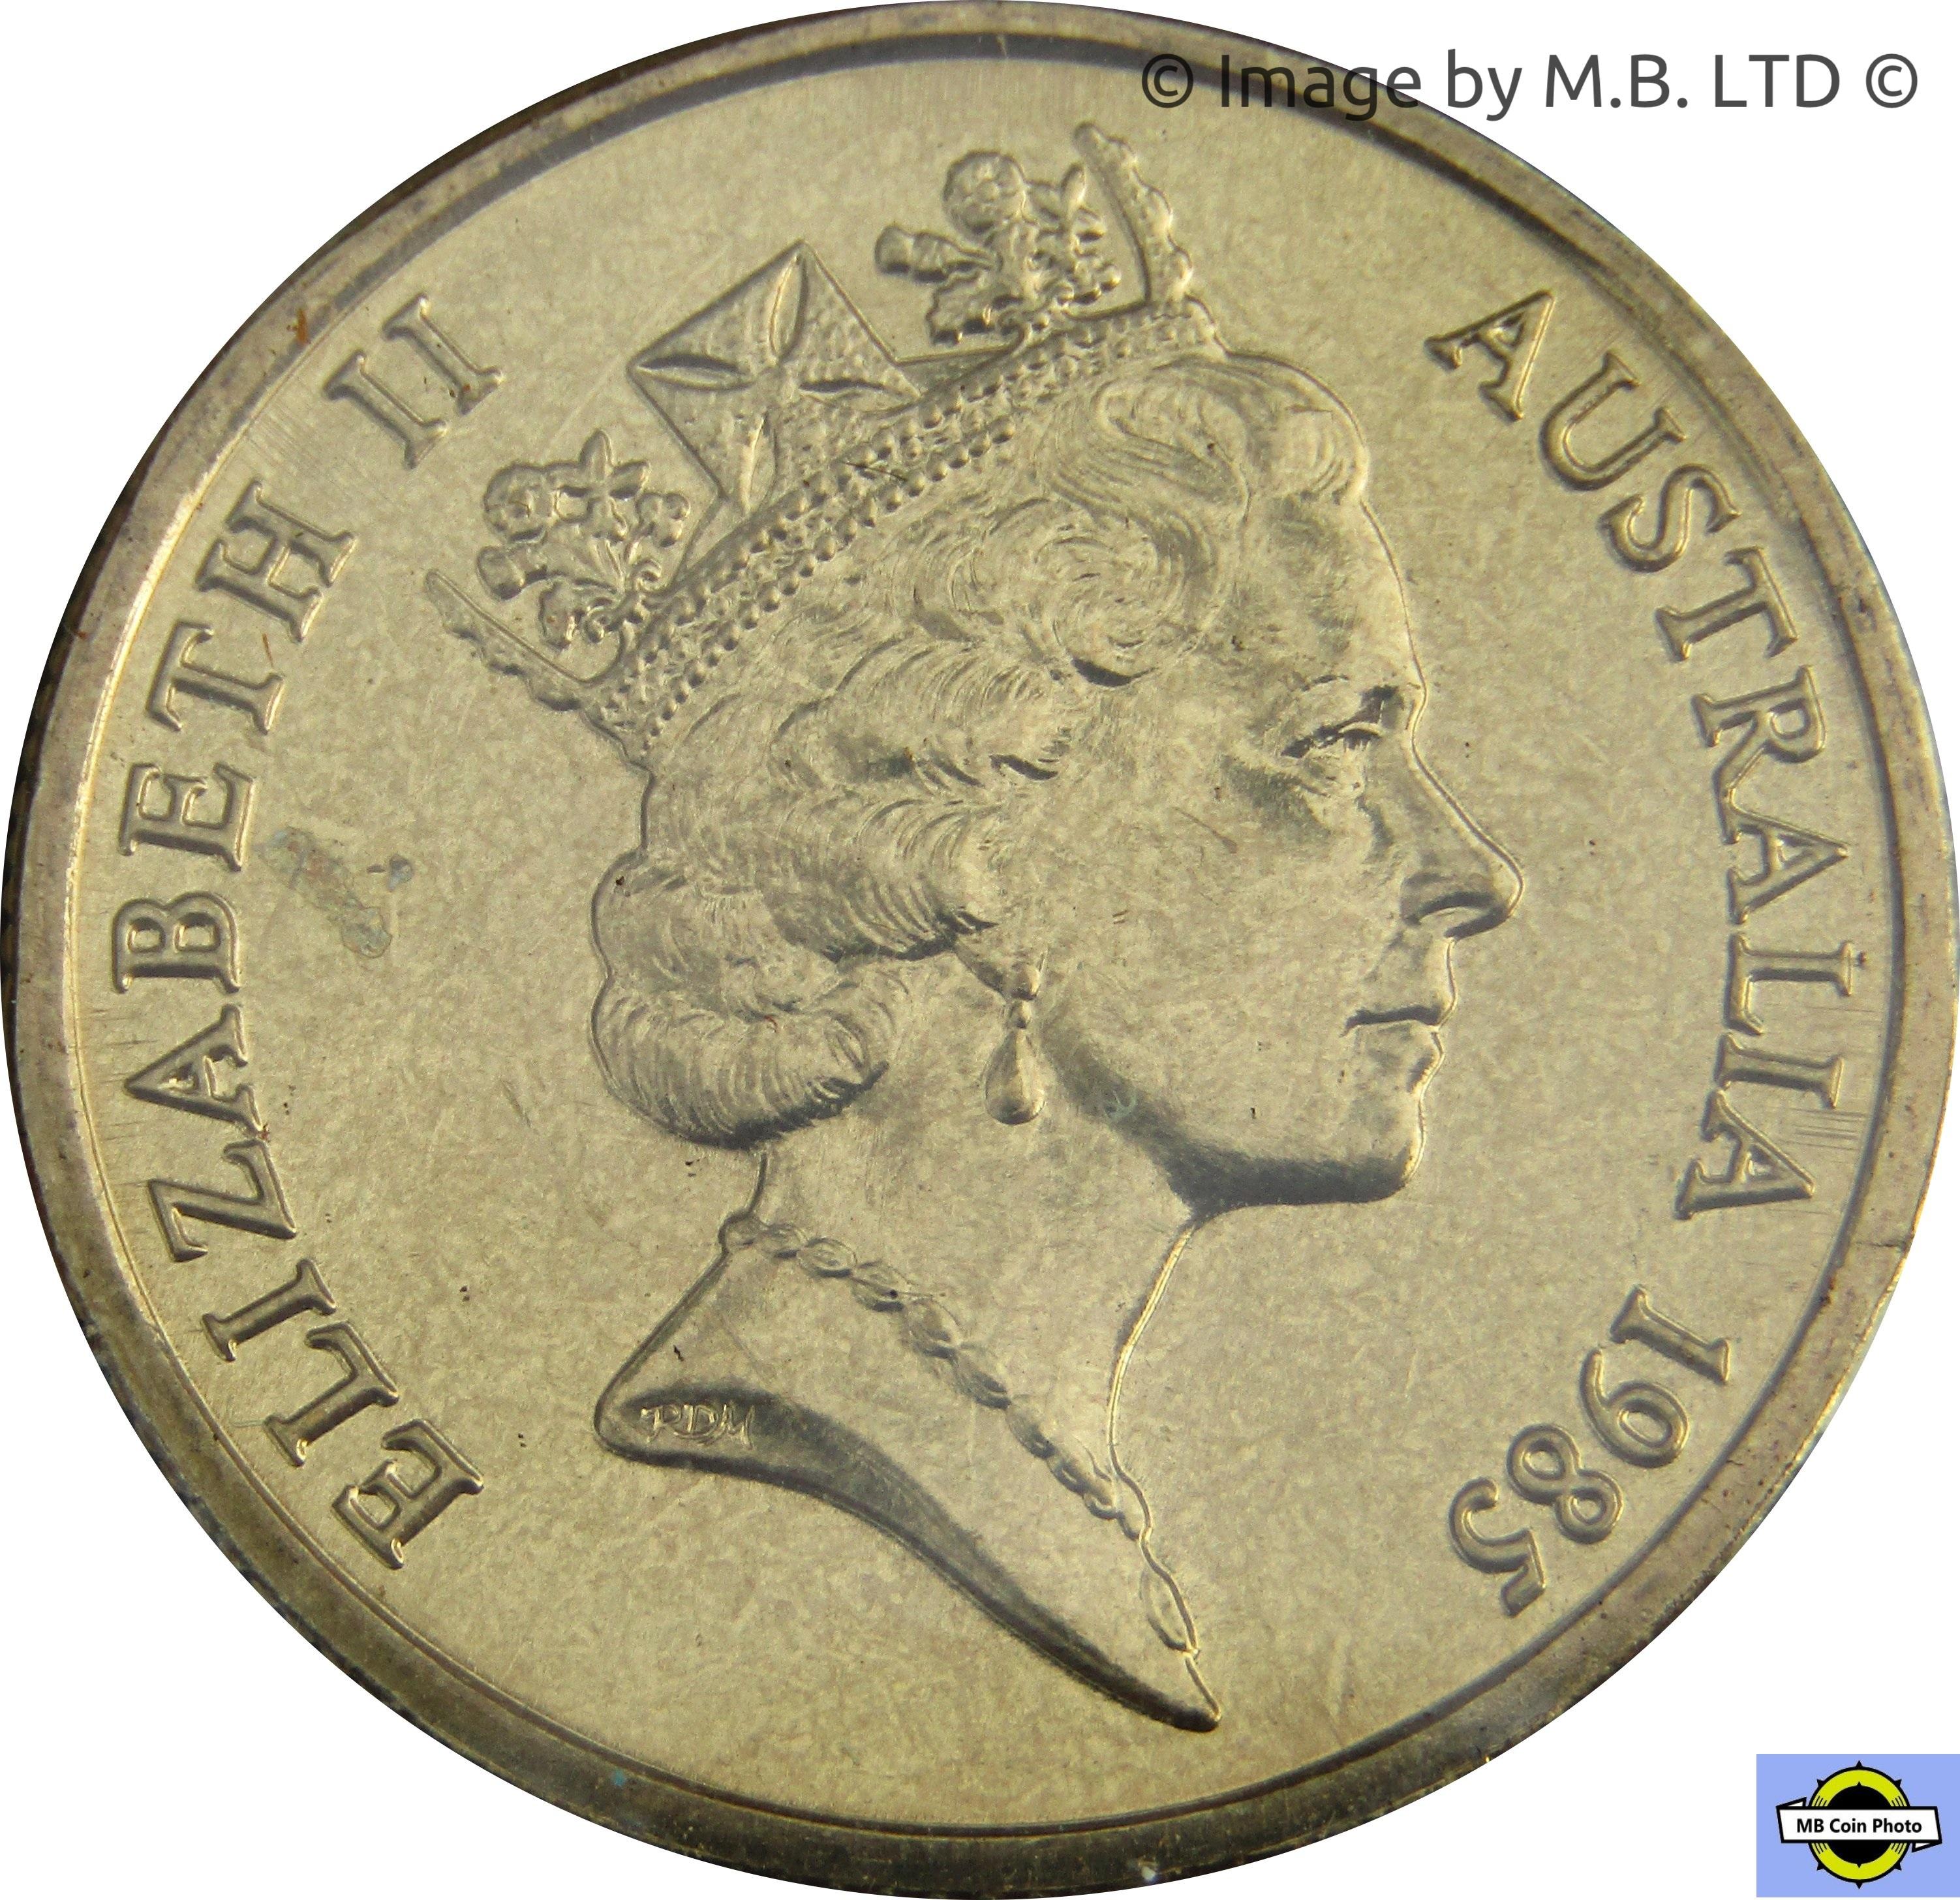 1 Dollar Elizabeth Ii 3rd Portrait